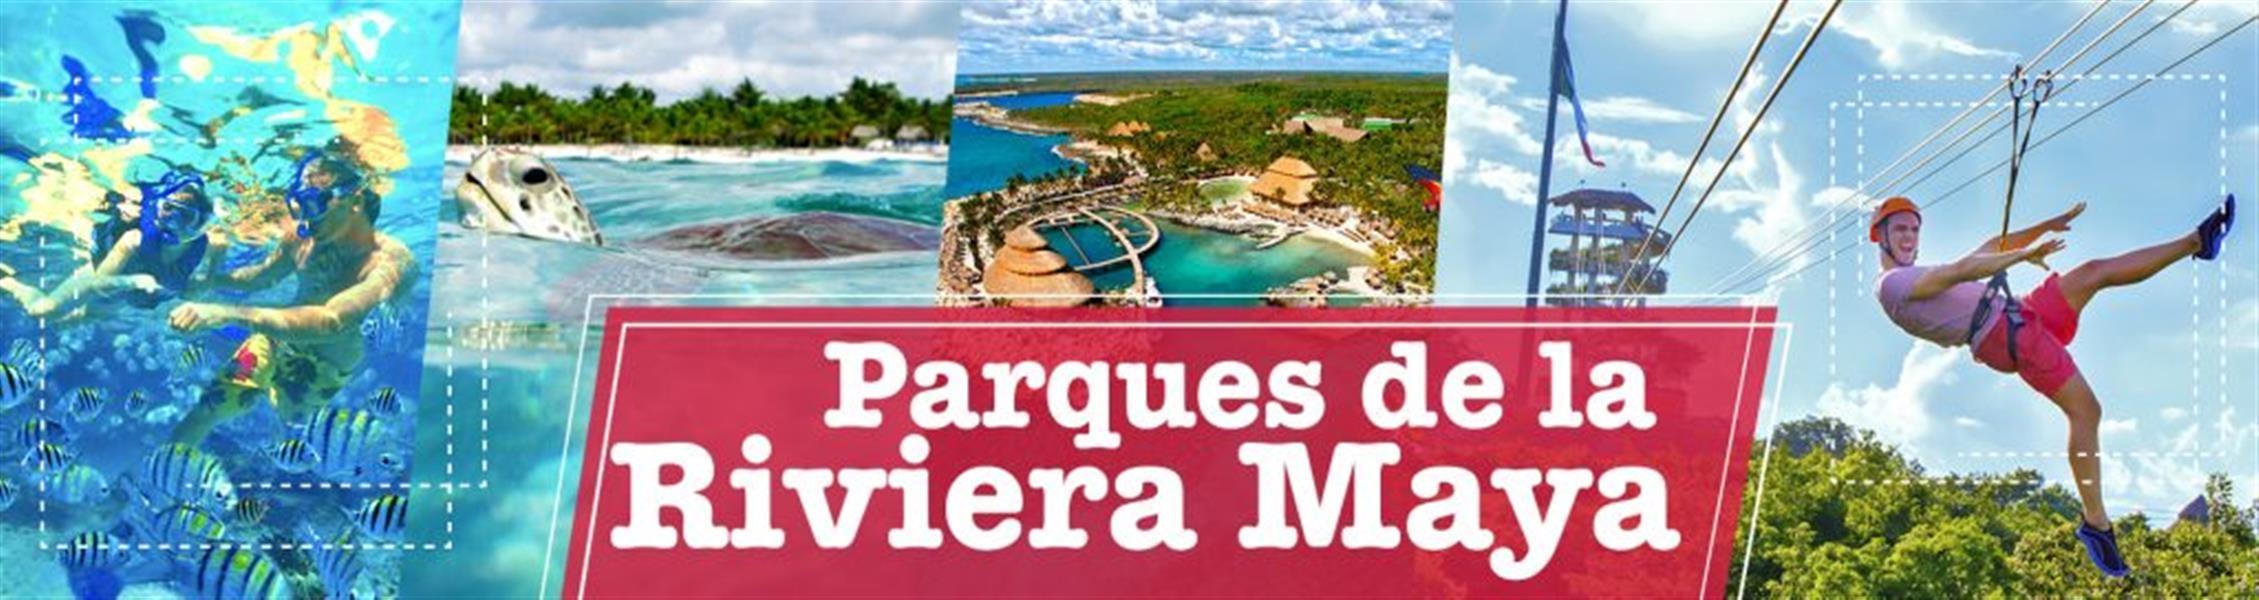 10 parques riviera maya nuevo